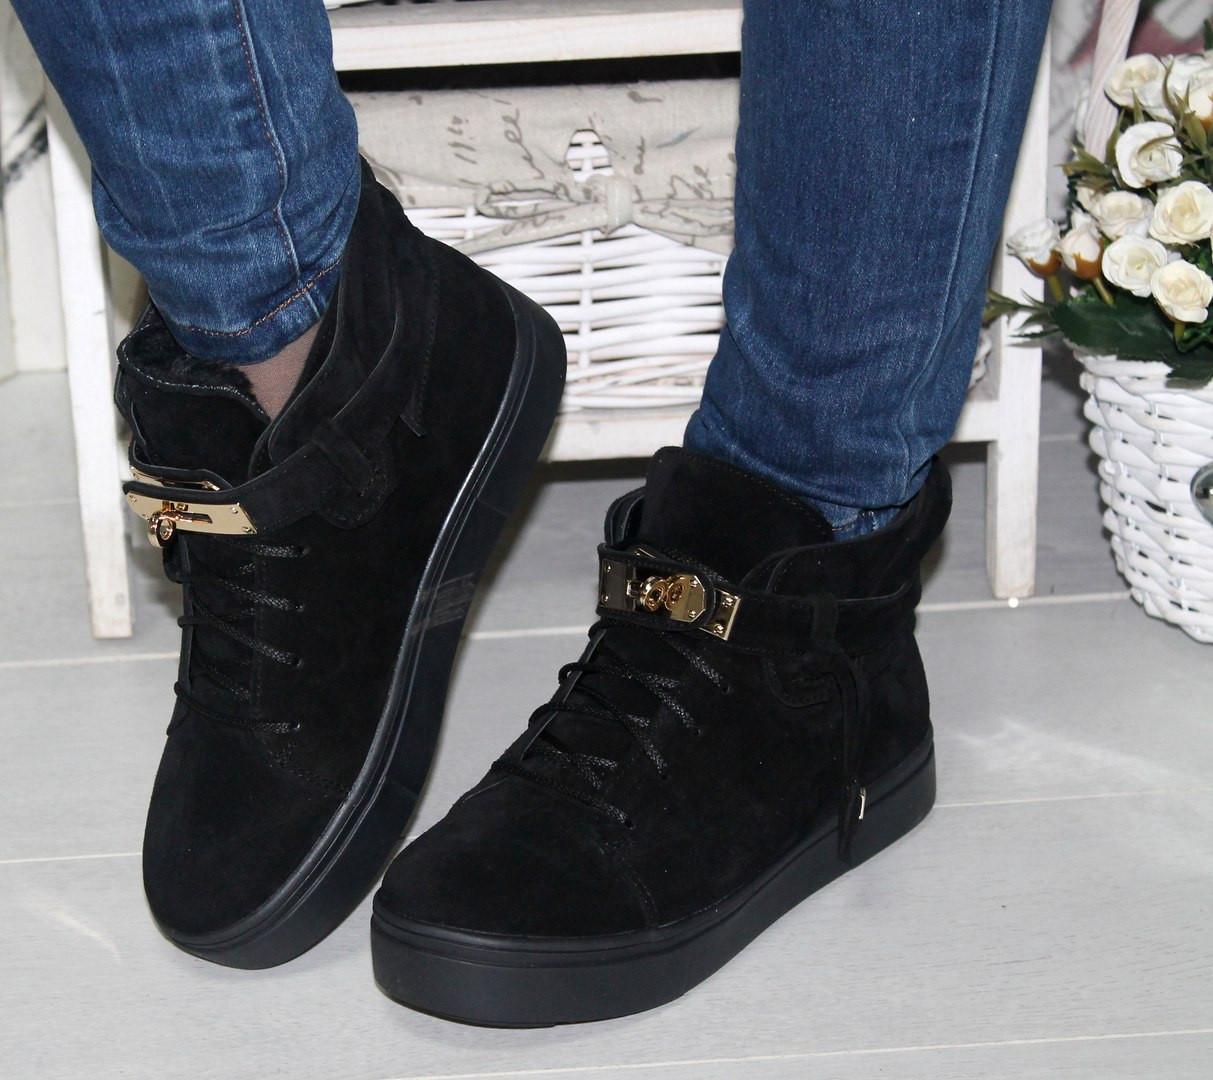 2b4cdf34bfba Ботинки зимние Hermes натуральная замша - Интернет-магазин Shopogolik (женская  обувь и одежда)